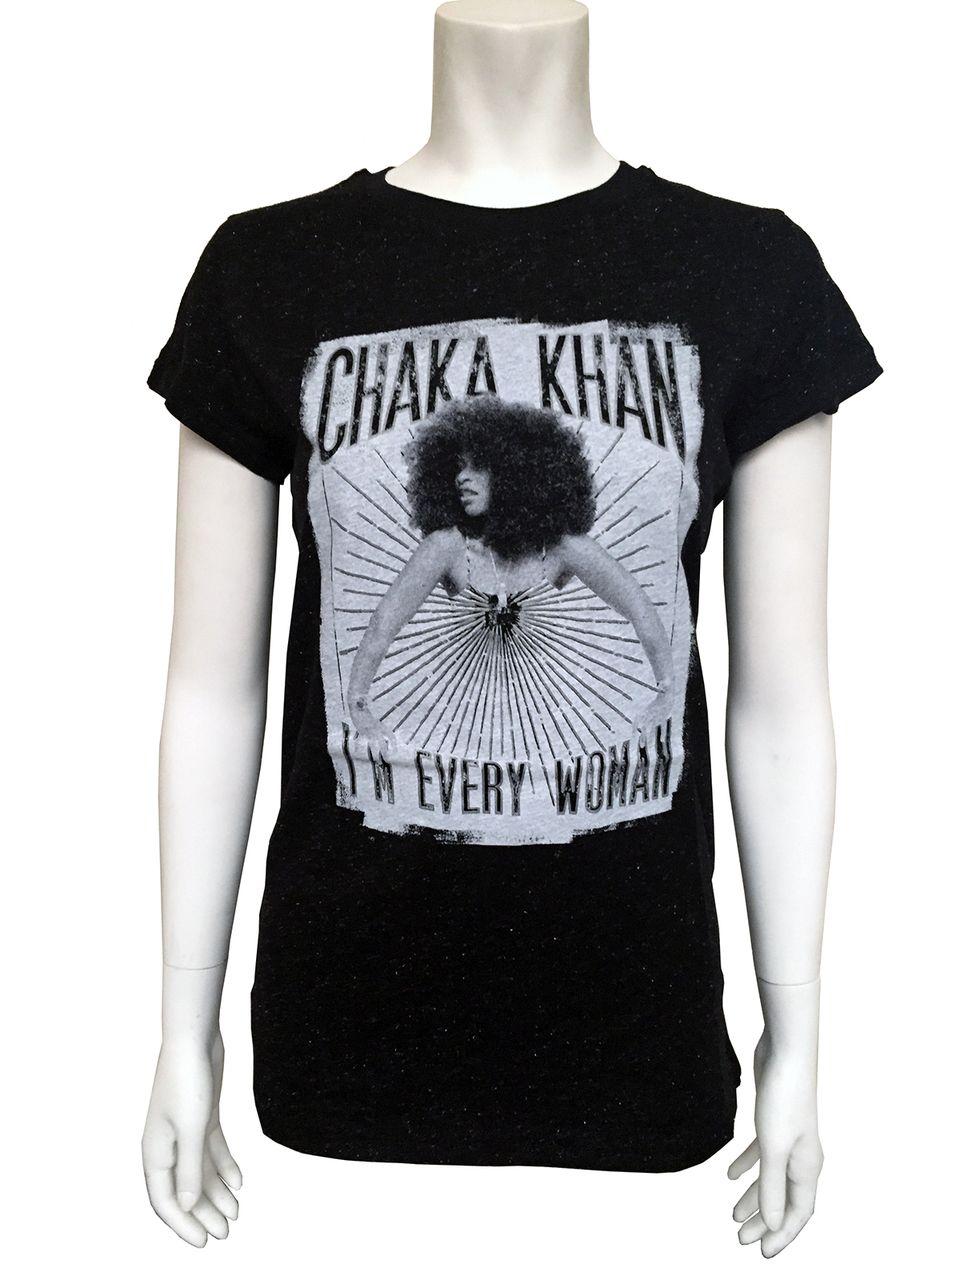 59343d4829 I'm Every Woman Glitter T-Shirt - Official Chaka Khan Store | Just ...